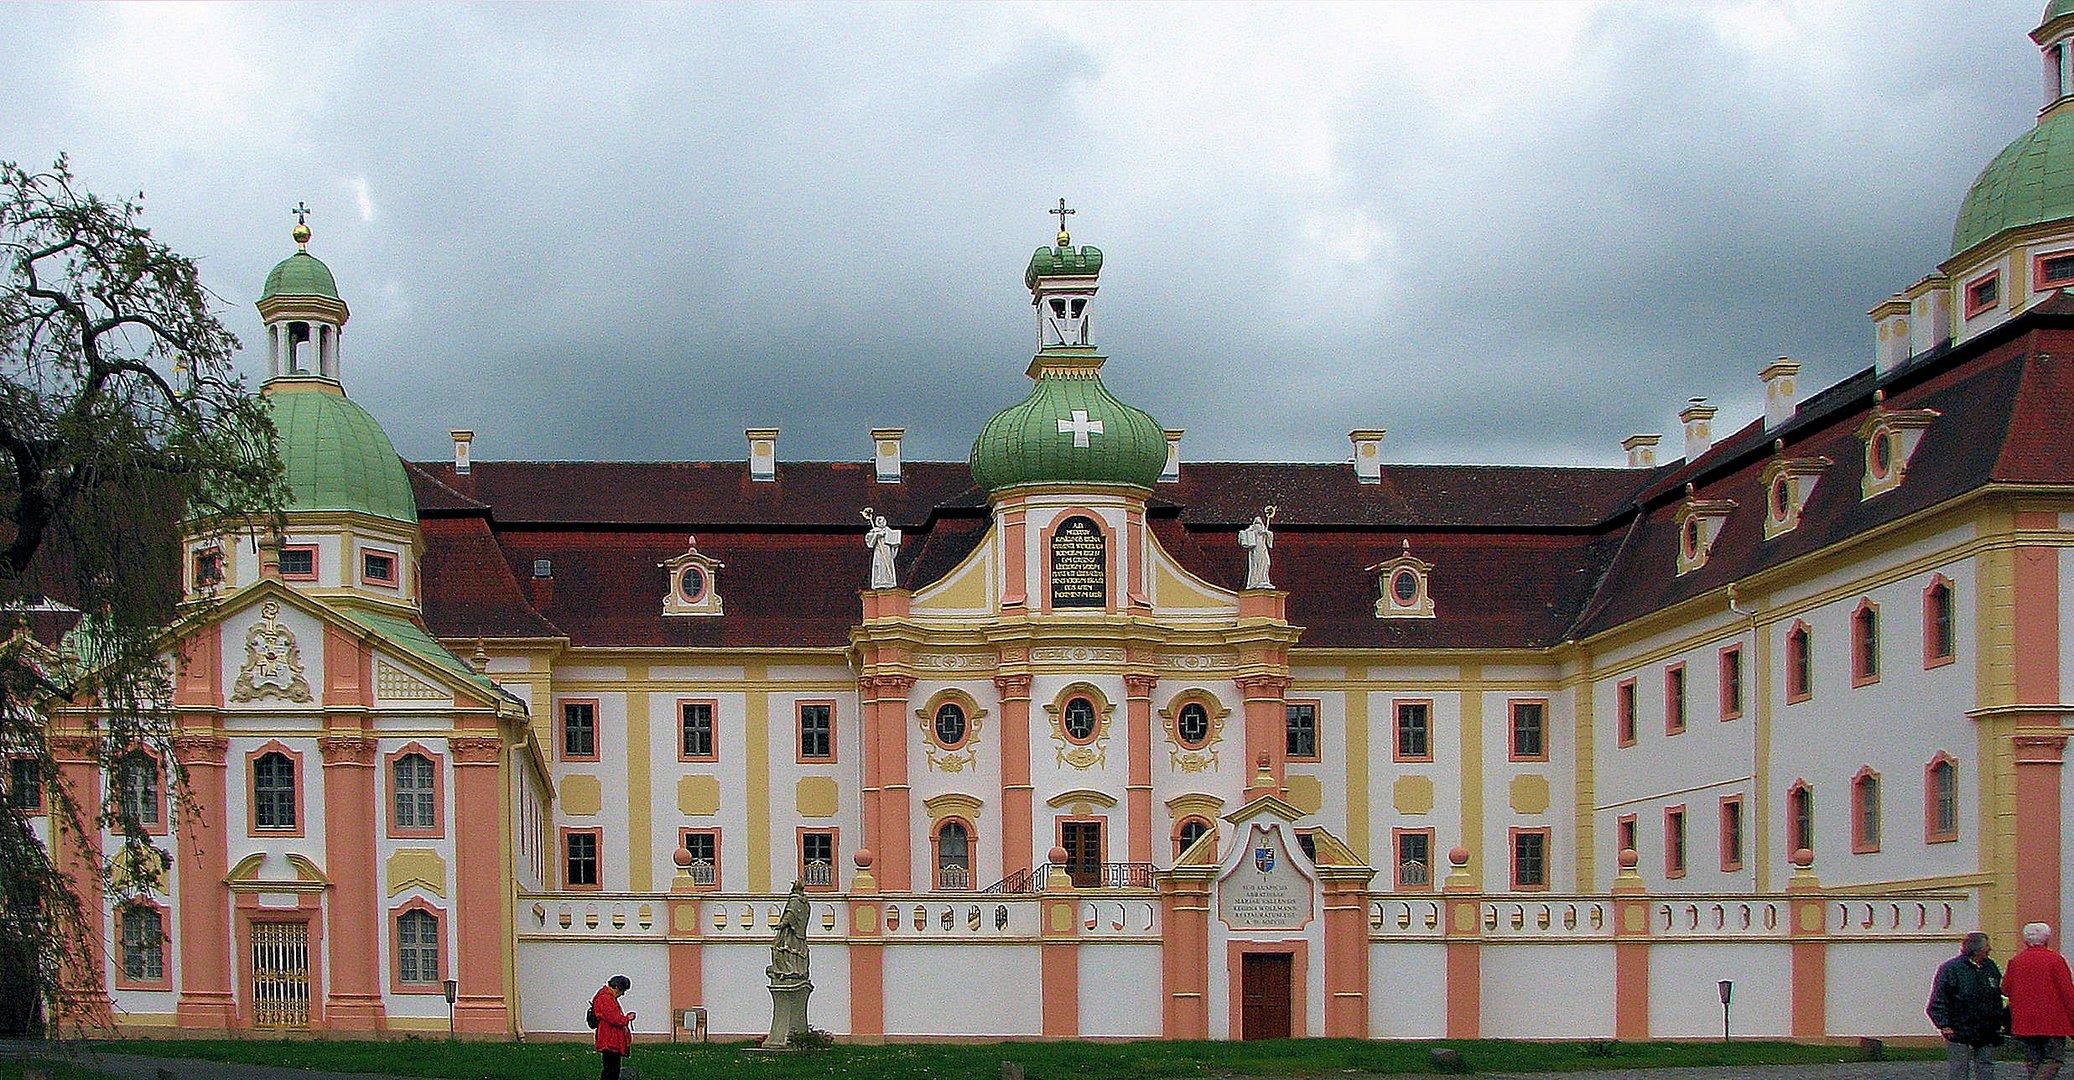 Kloster Mariental 2